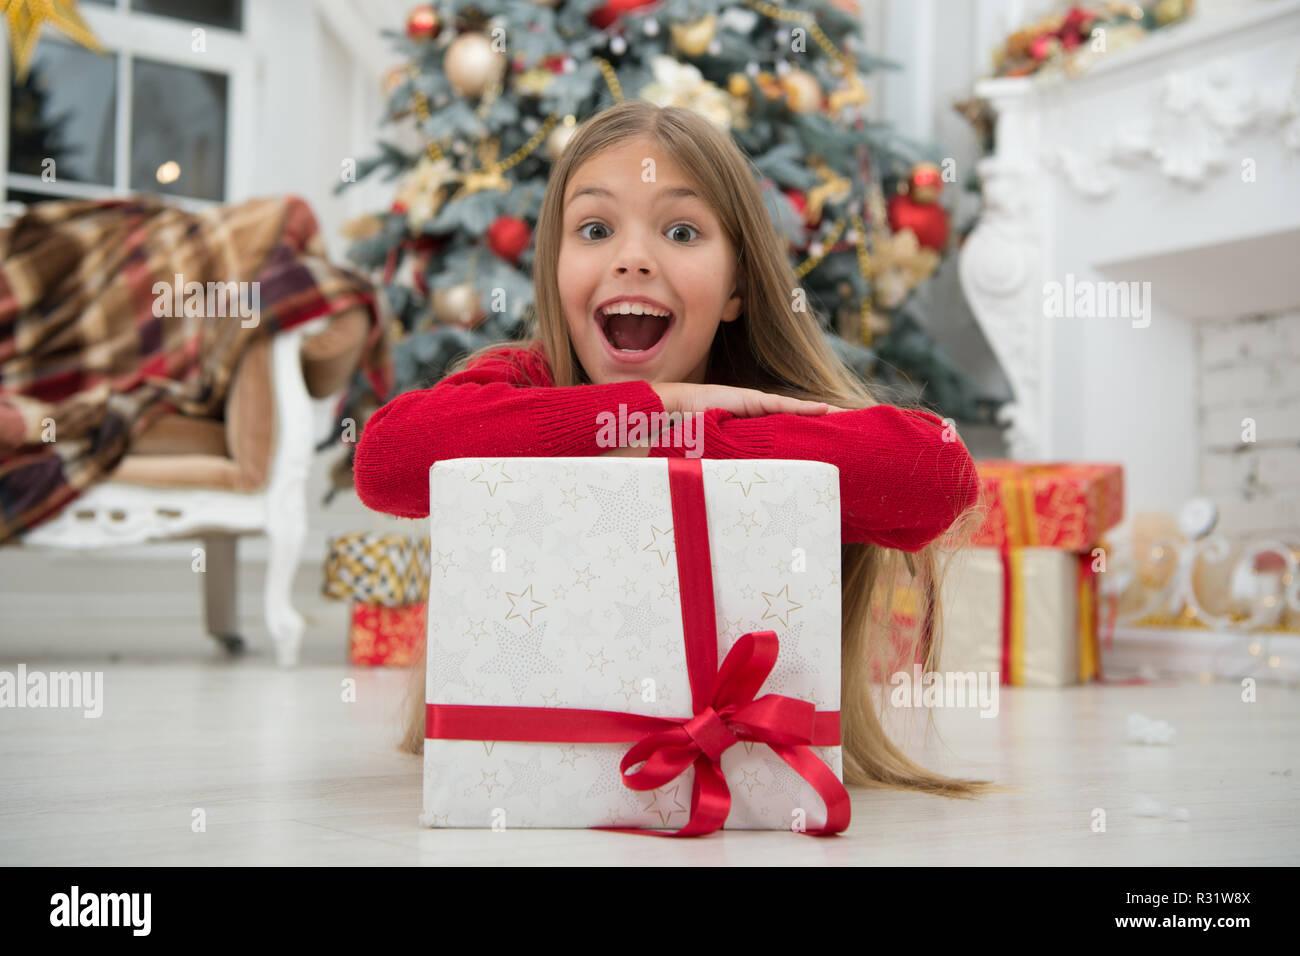 Regali Di Natale Ragazza.Natale Sta Arrivando Piccola Ragazza Carina Ricevuta Del Regalo Di